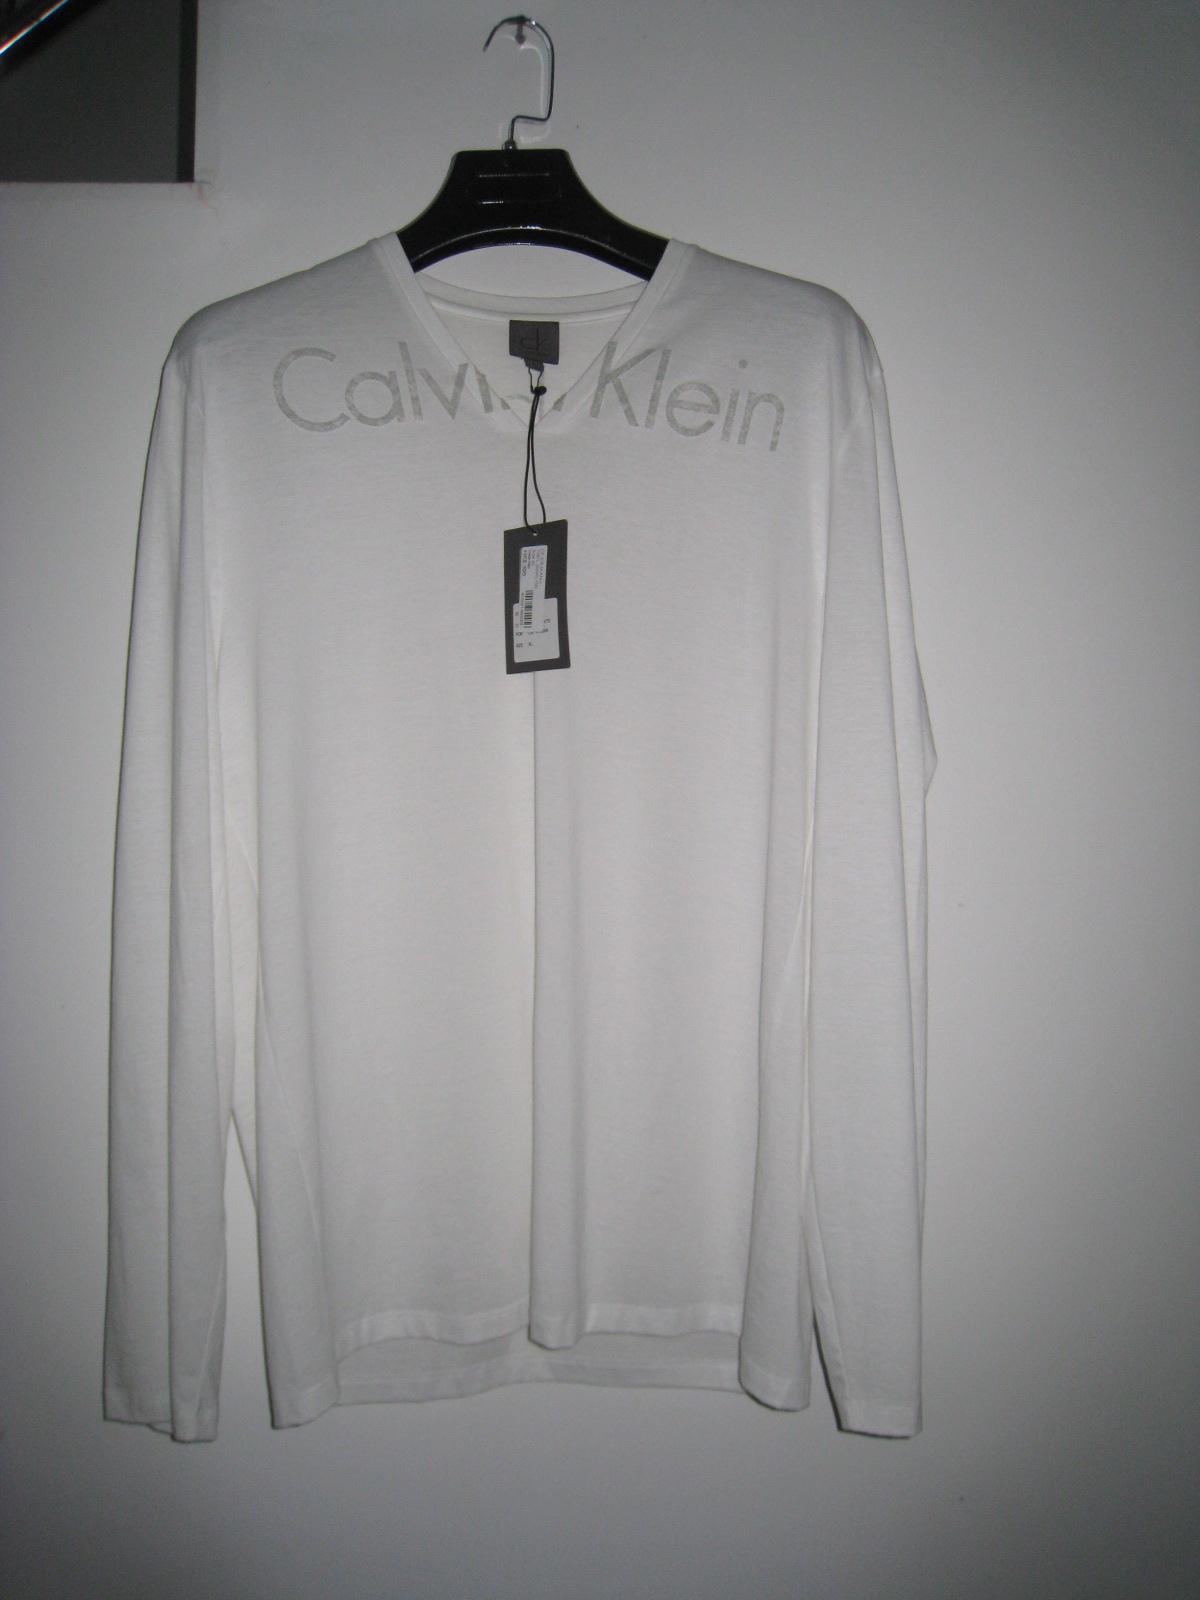 Футболка мужская Calvin klein 7567 (5gw) /100 CK XL